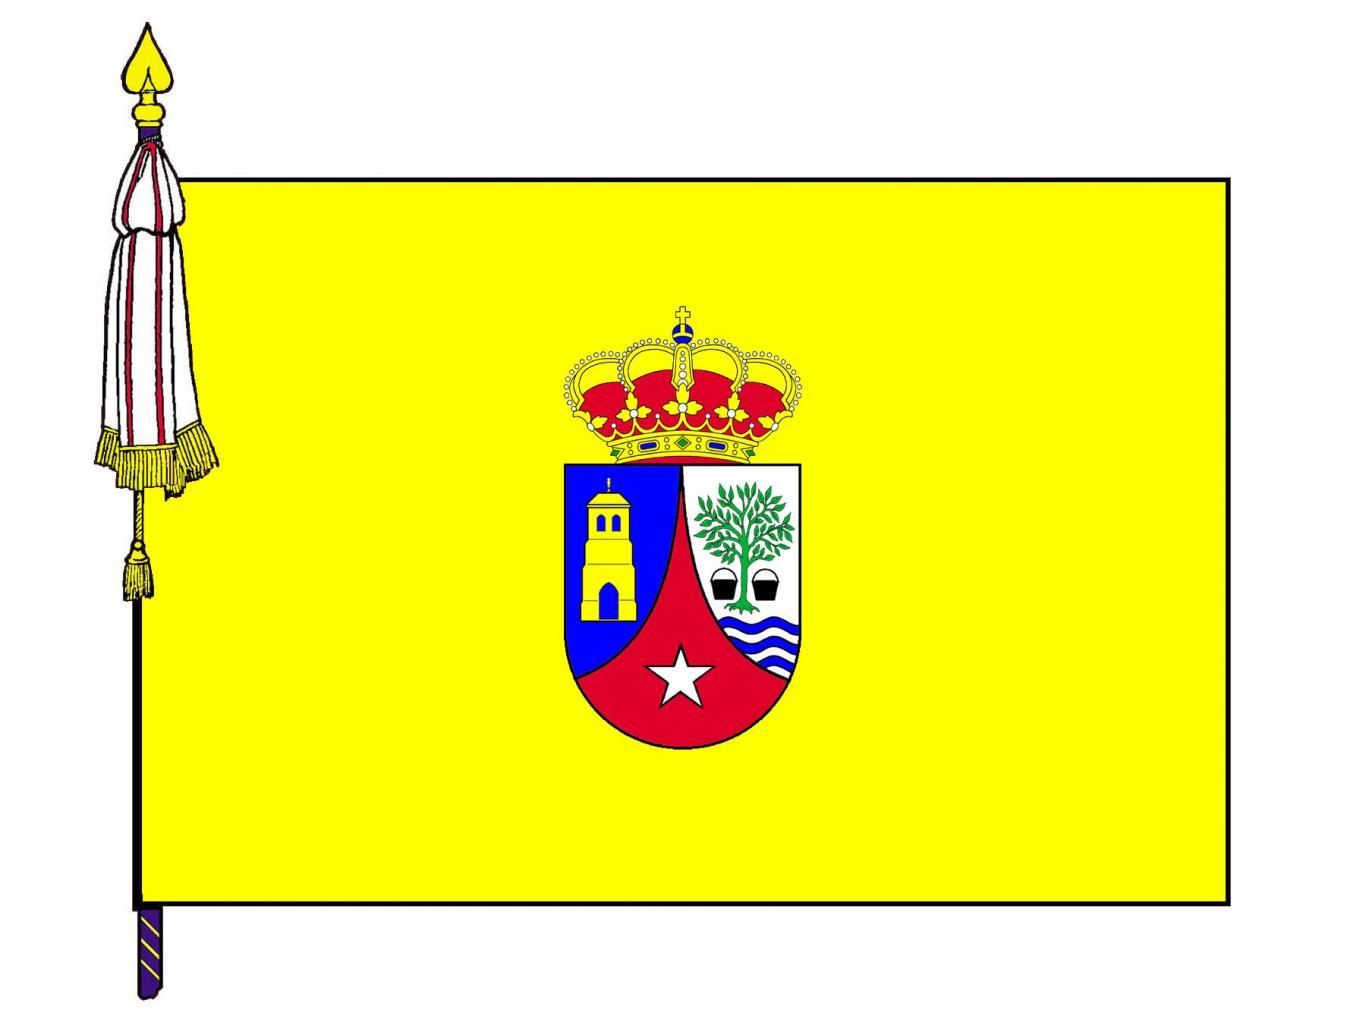 bandera_valdeolmos-alarpardo